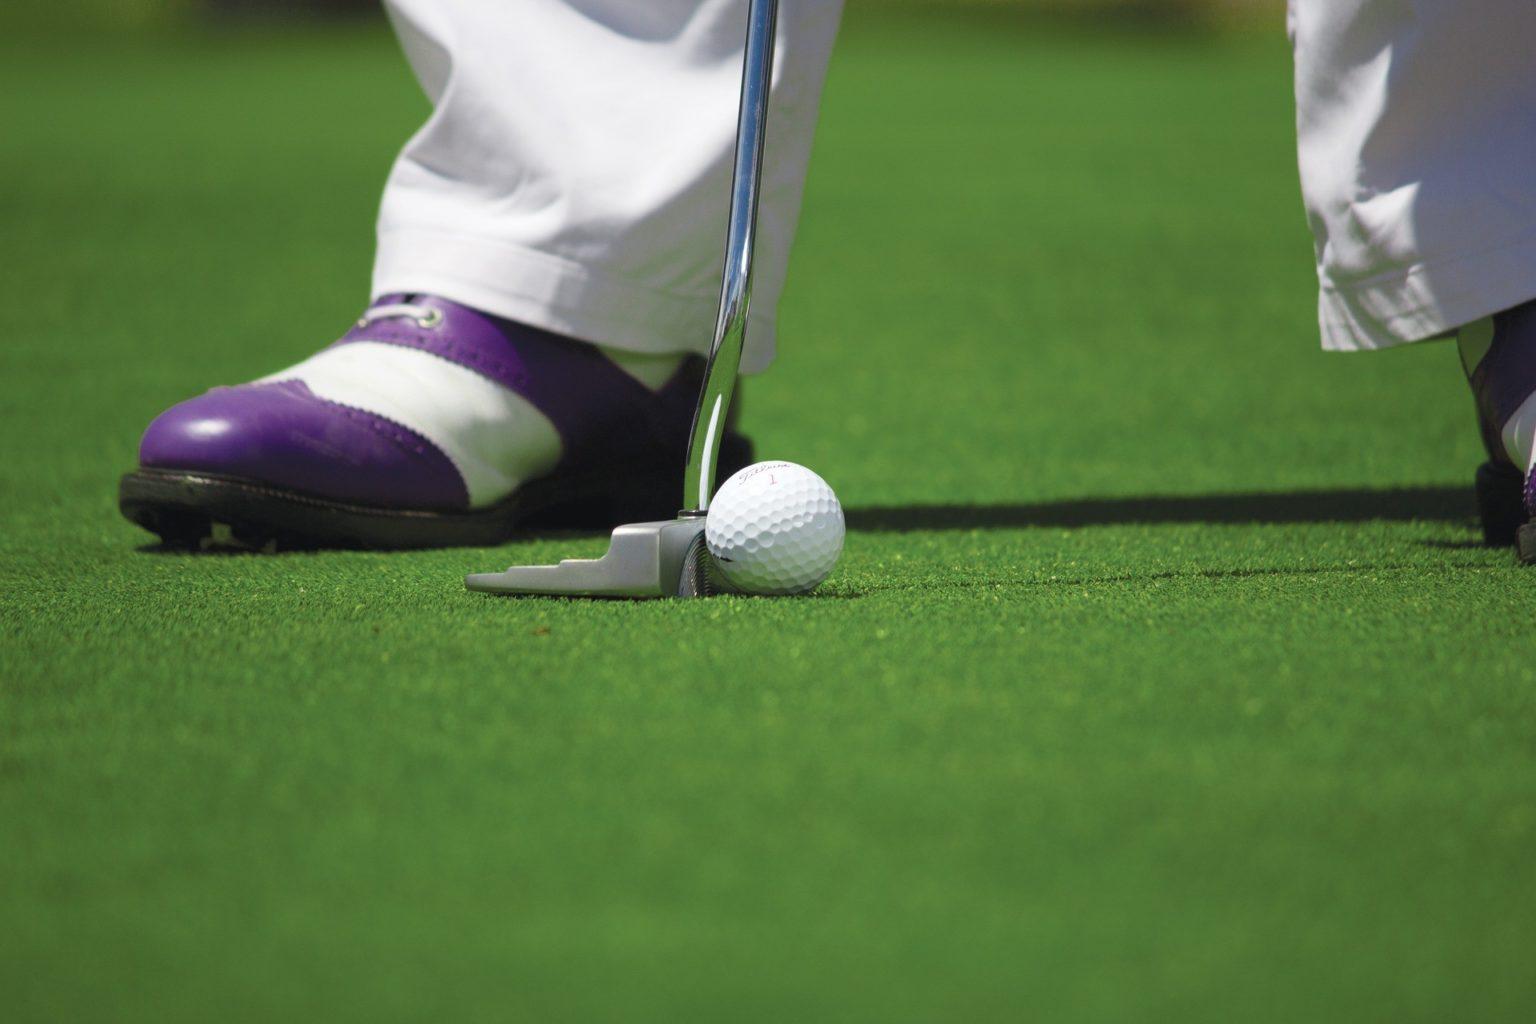 Пять самых дорогих видов спорта